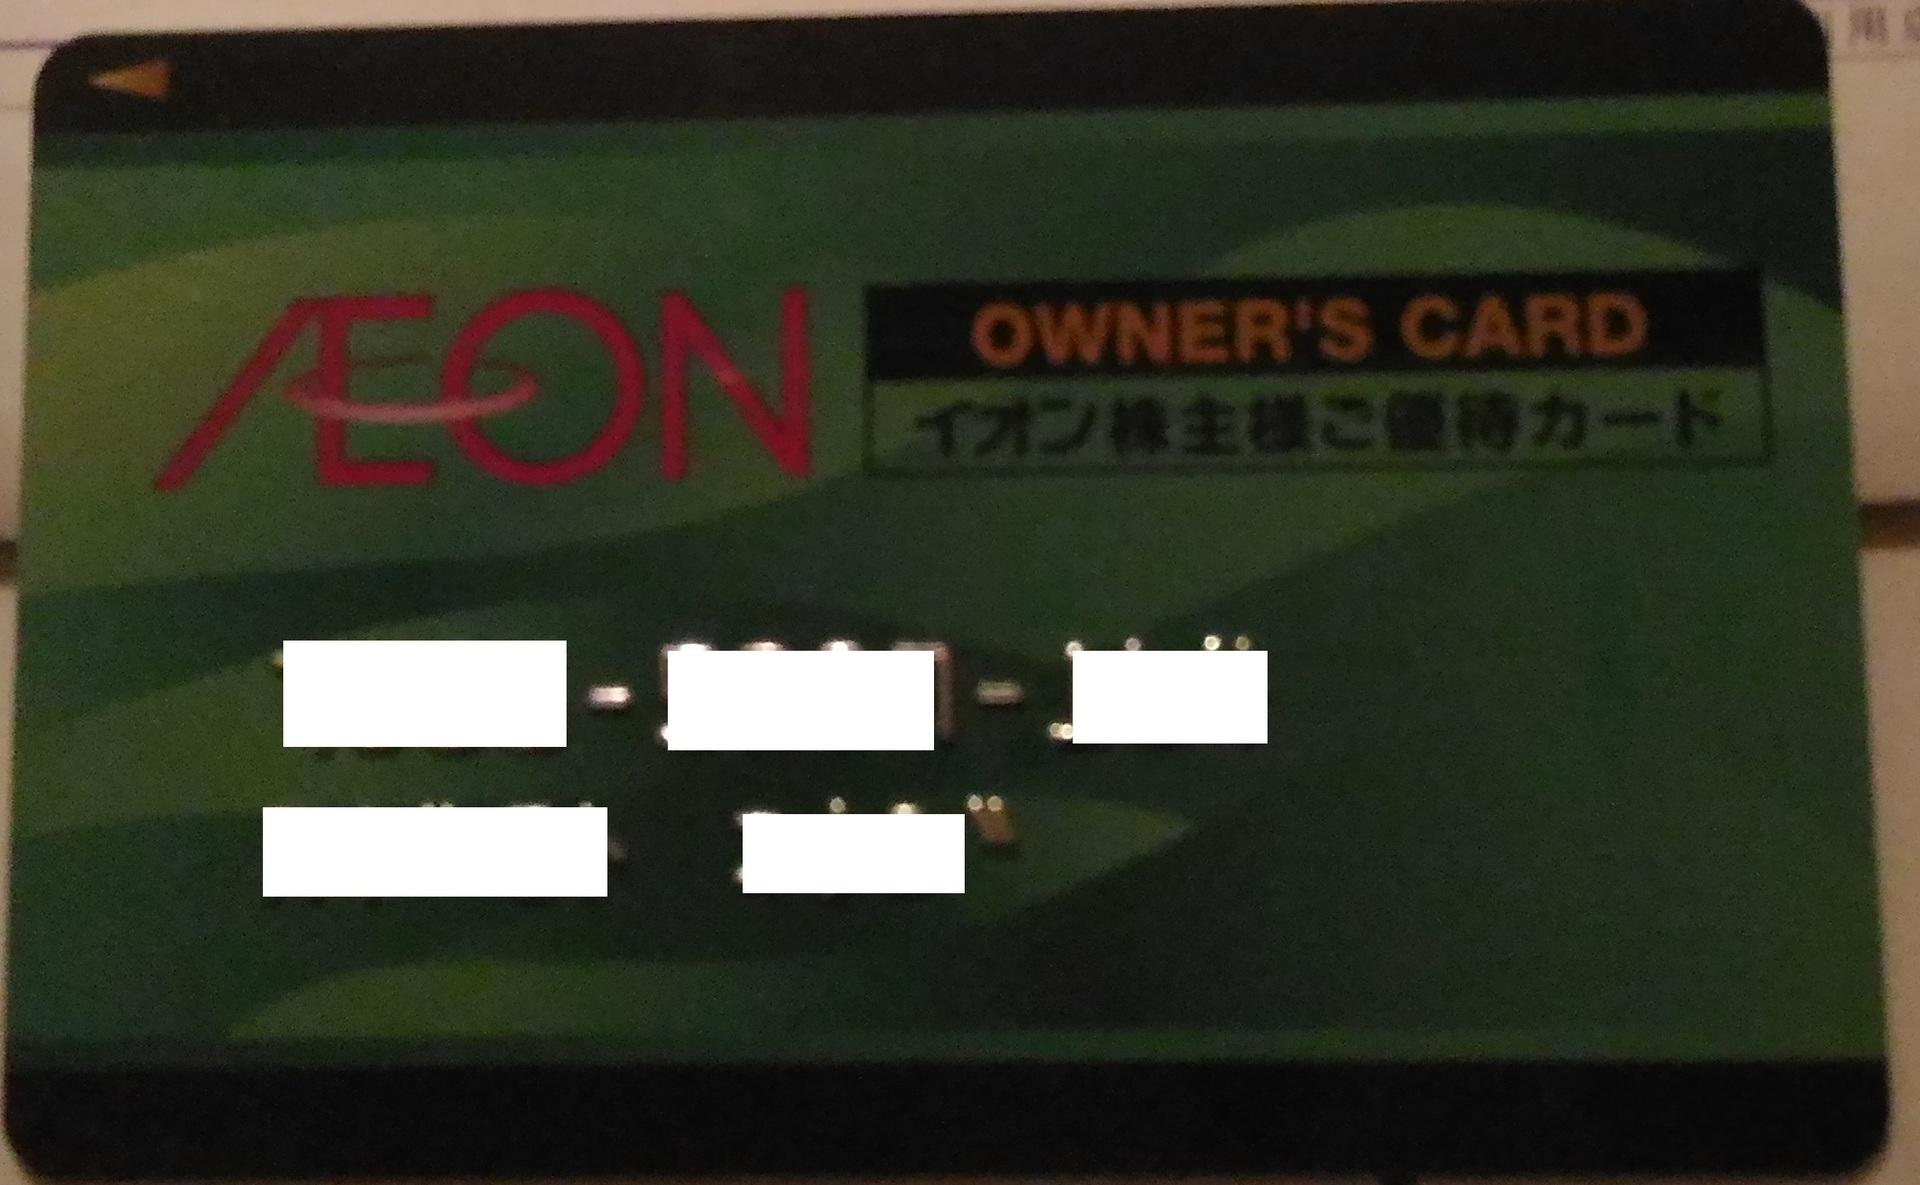 オーナーズ 映画 イオン カード